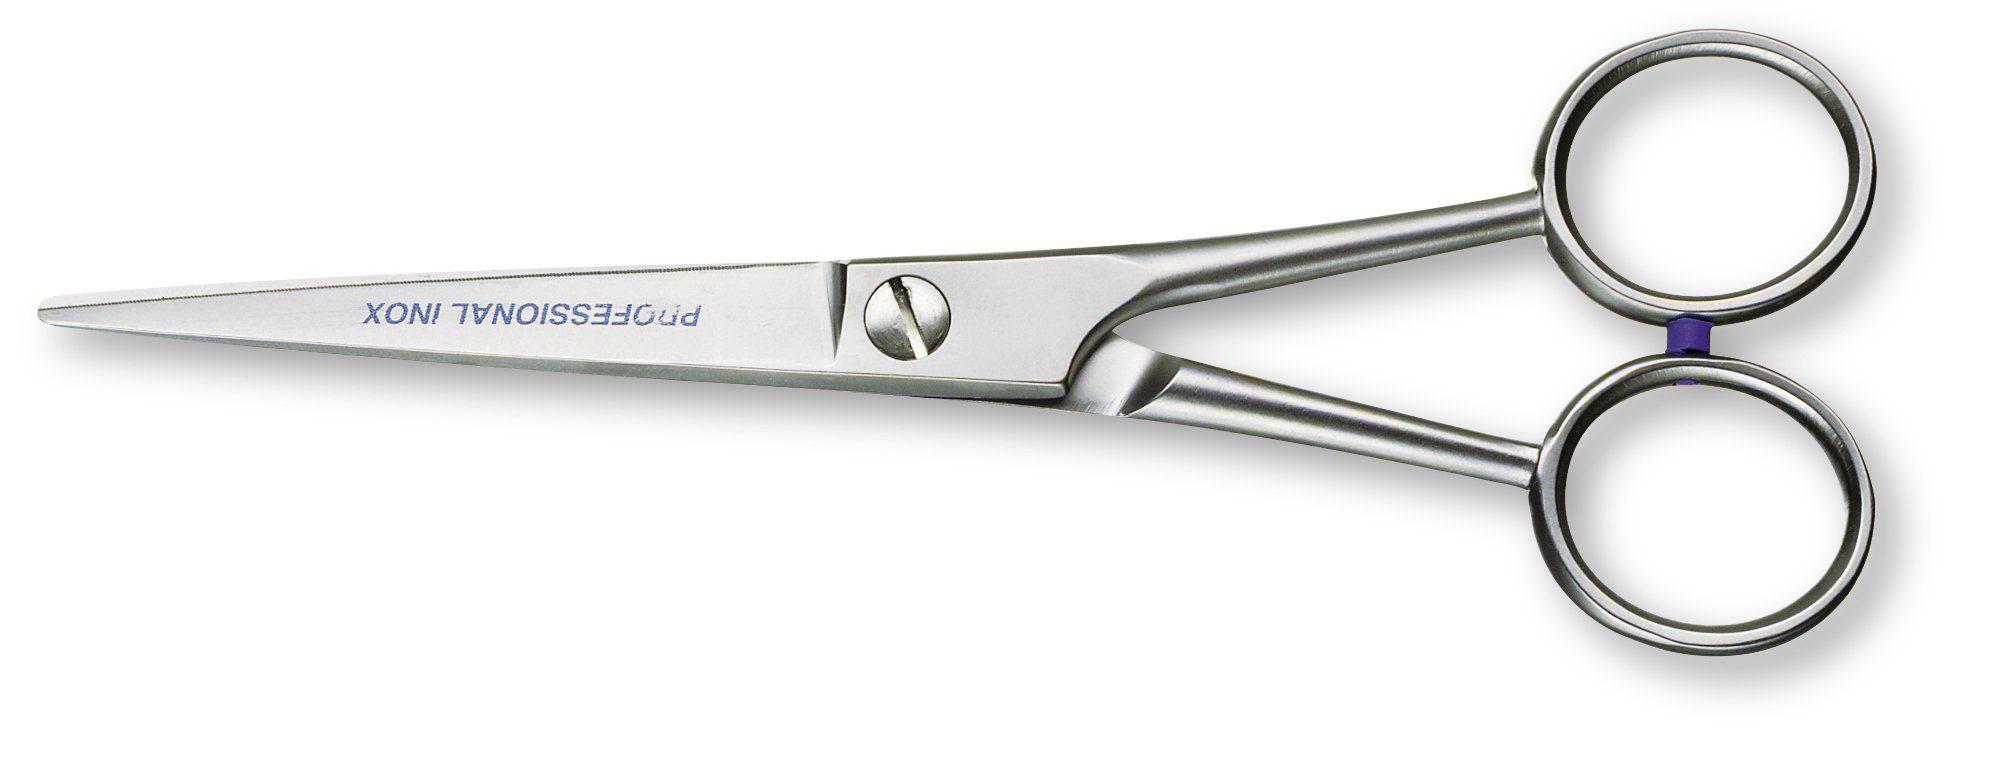 Victorinox Coiffeurschere Professional 15 cm